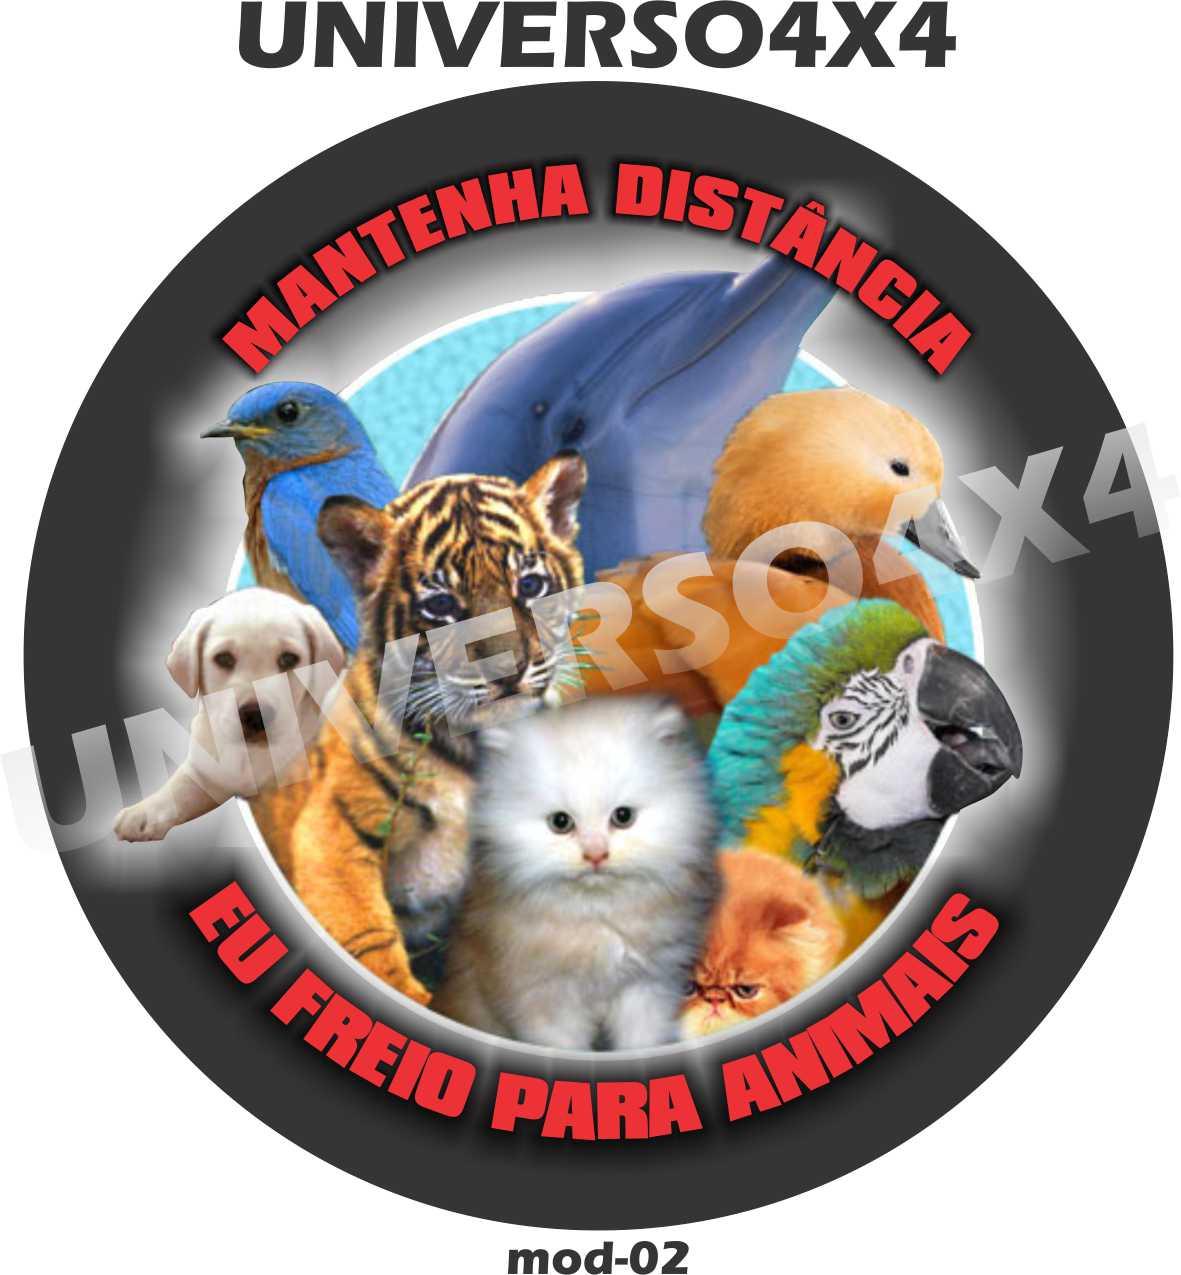 Capa Estepe Eu Freio para Animais Distância M-020221